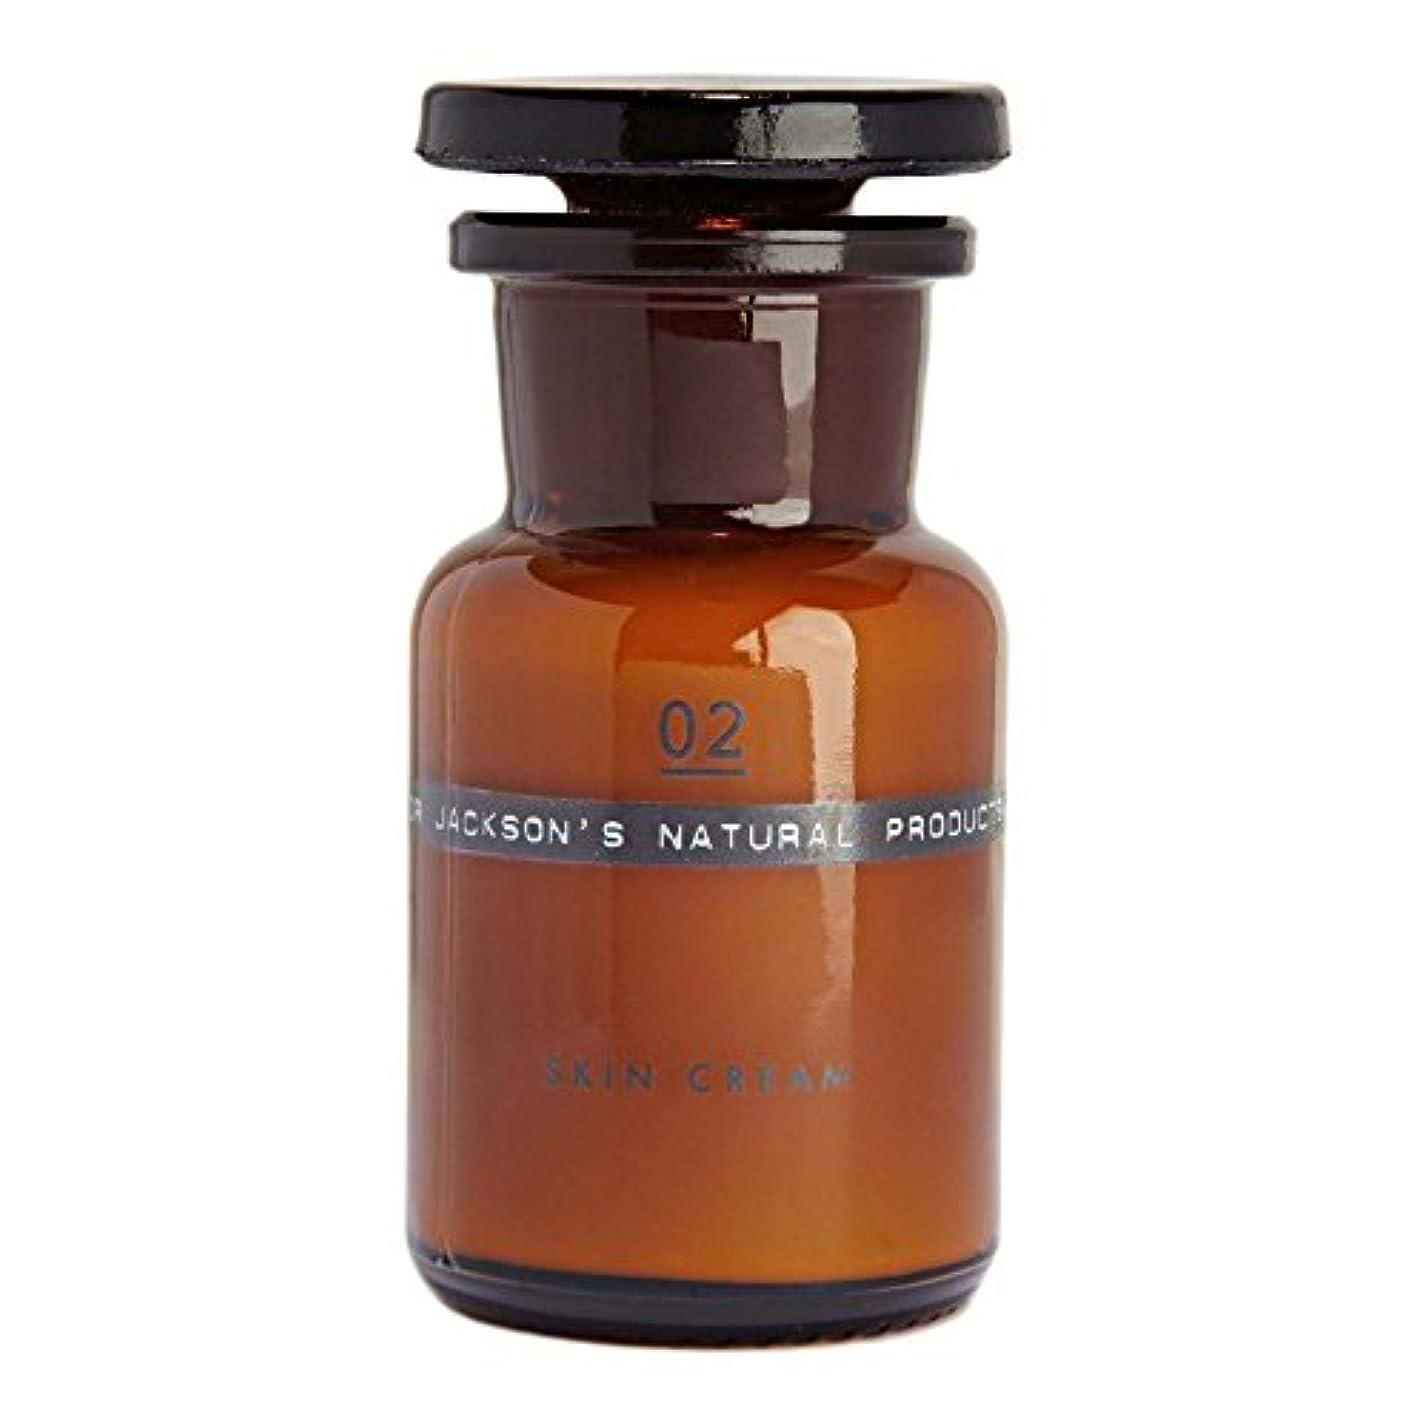 アーティファクト外科医展示会ジャクソンの02スキンクリーム50ミリリットル x4 - Dr Jackson's 02 Skin Cream 50ml (Pack of 4) [並行輸入品]